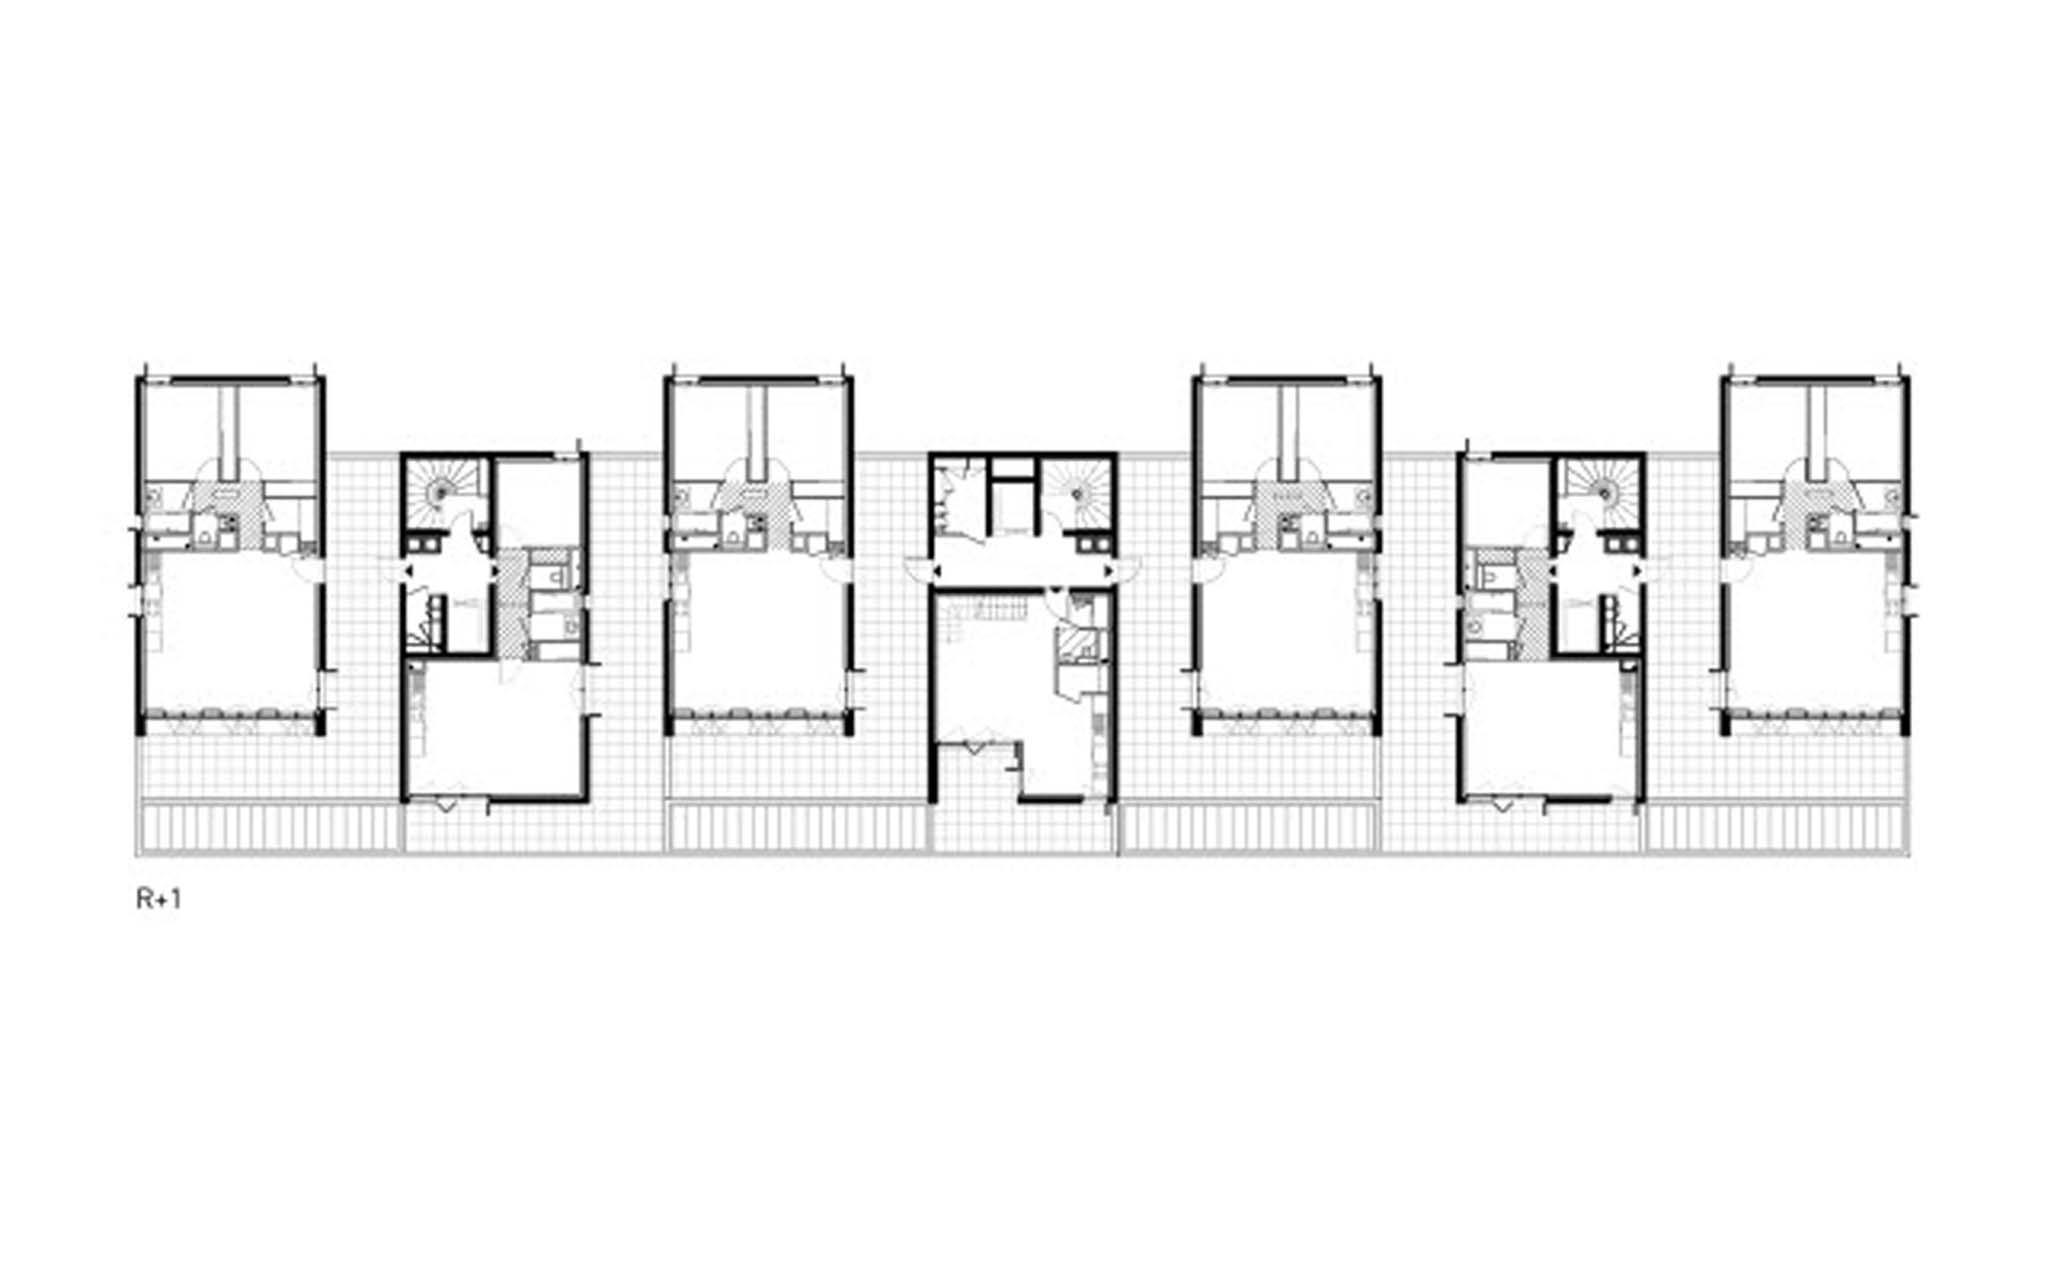 plan du r 1 39 logements cl ment verg ly lyon confluence querre d argent 2010 nomin. Black Bedroom Furniture Sets. Home Design Ideas